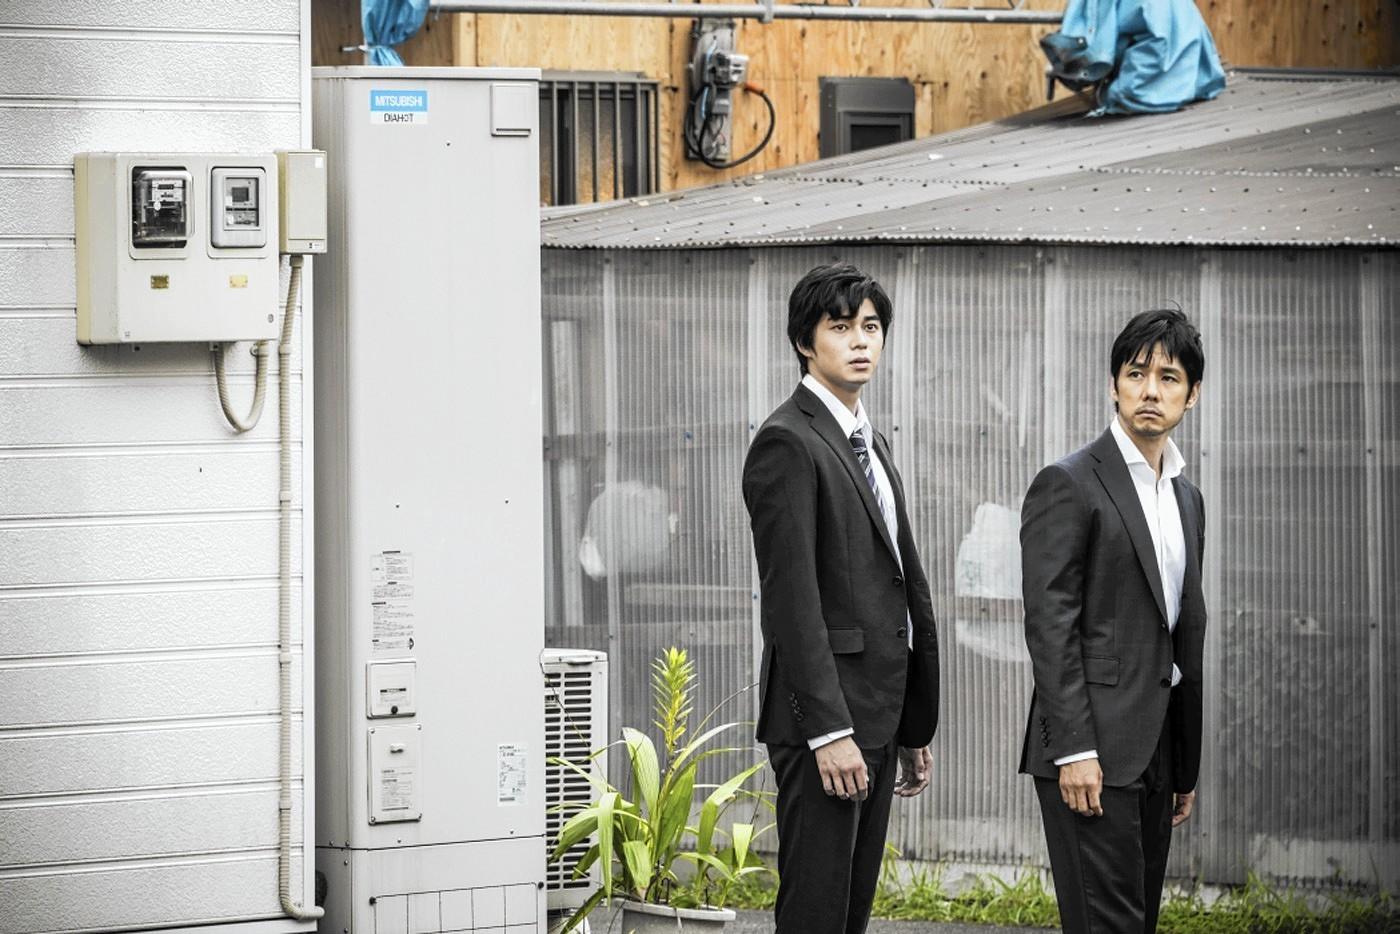 'Creepy' review: Kiyoshi Kurosawa's thriller follows a demonic neighbor